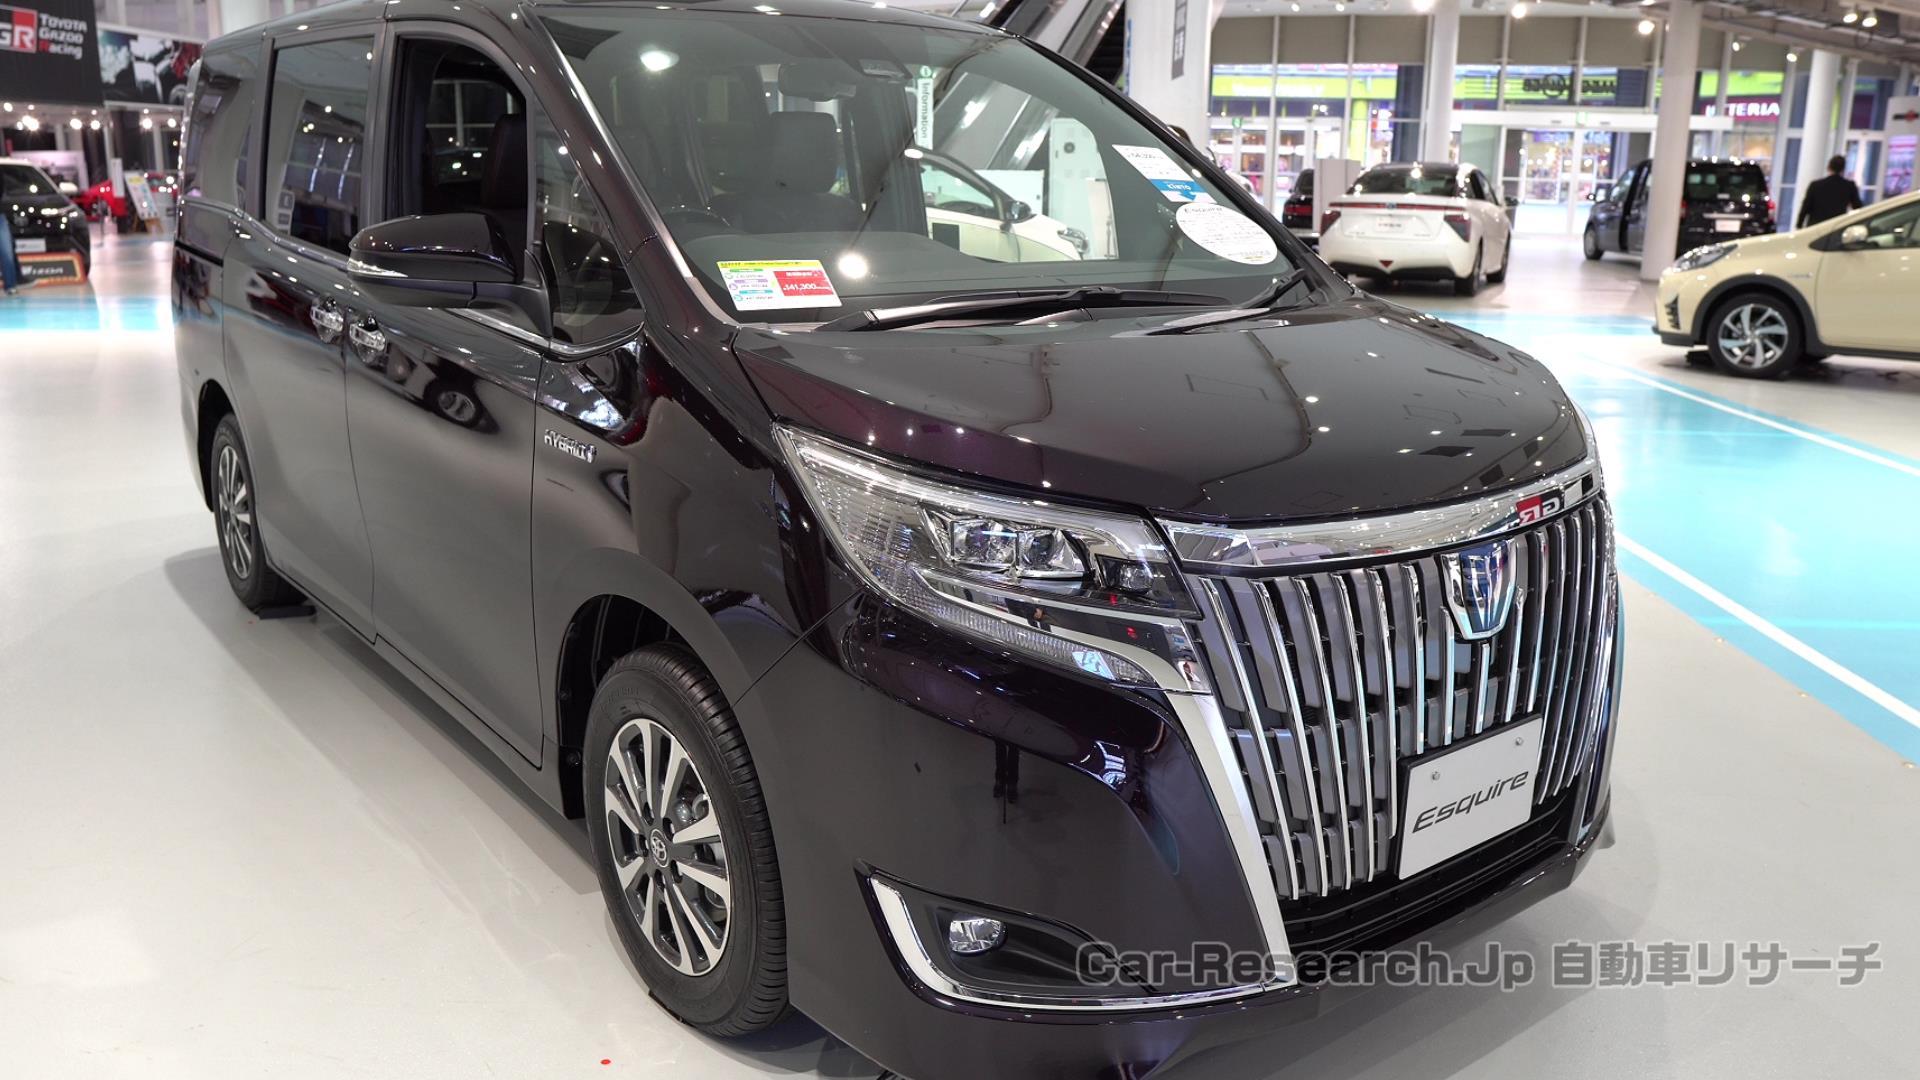 ノア 次期 【トヨタ新型ノア】2022年3月フルモデルチェンジ!最新情報、ノアカスタム、価格、サイズ、燃費、発売日は?